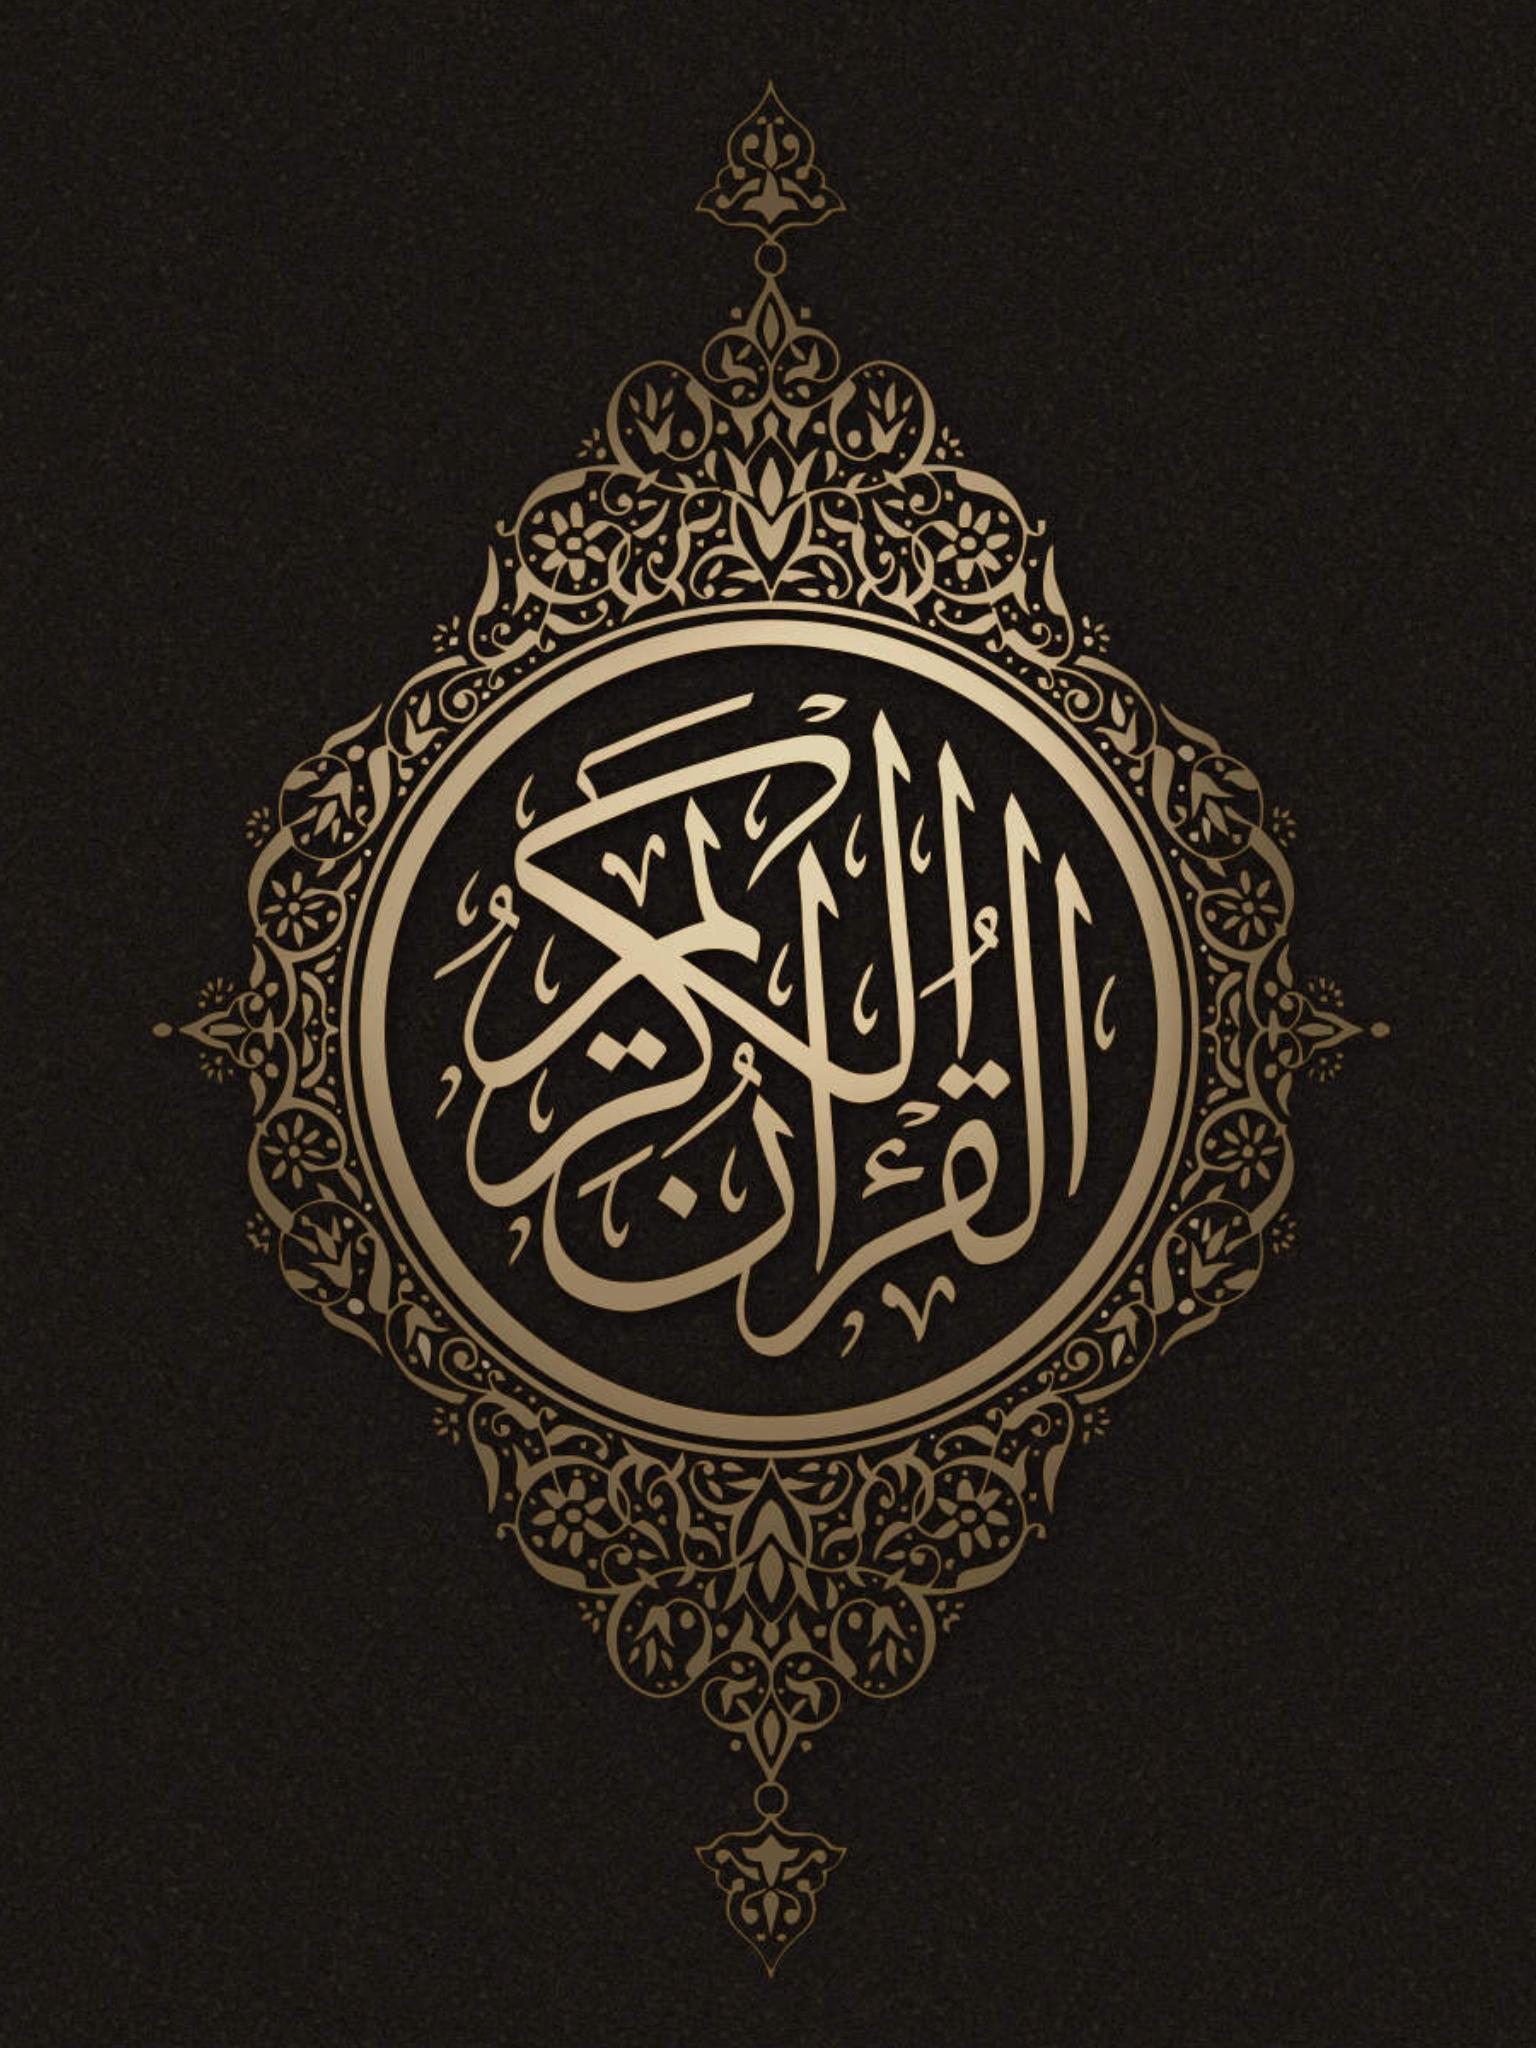 Pin oleh Alfurqan media di wallpaper মোবাইল Kaligrafi